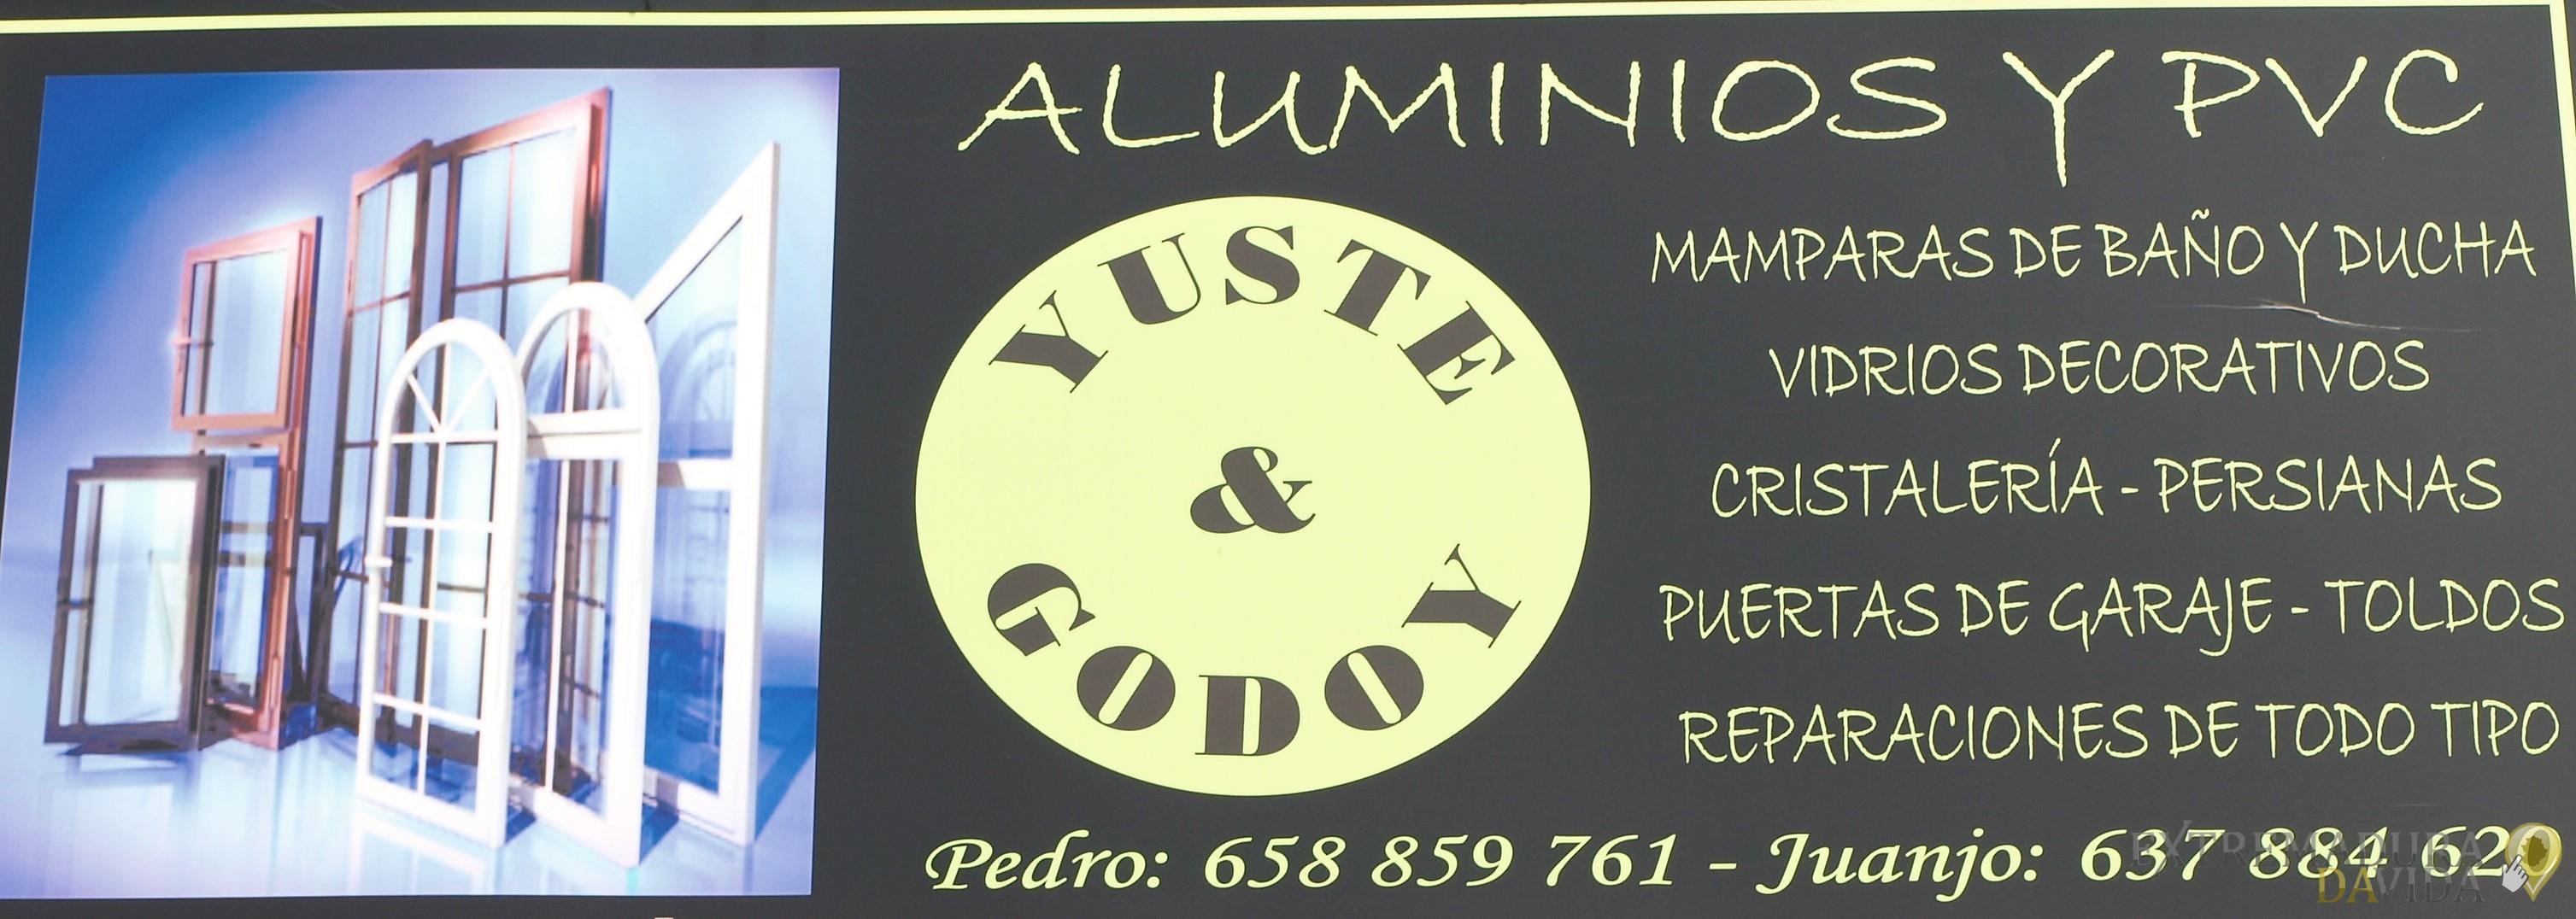 Aluminios y PVC en Almendralejo Yuste y Godoy